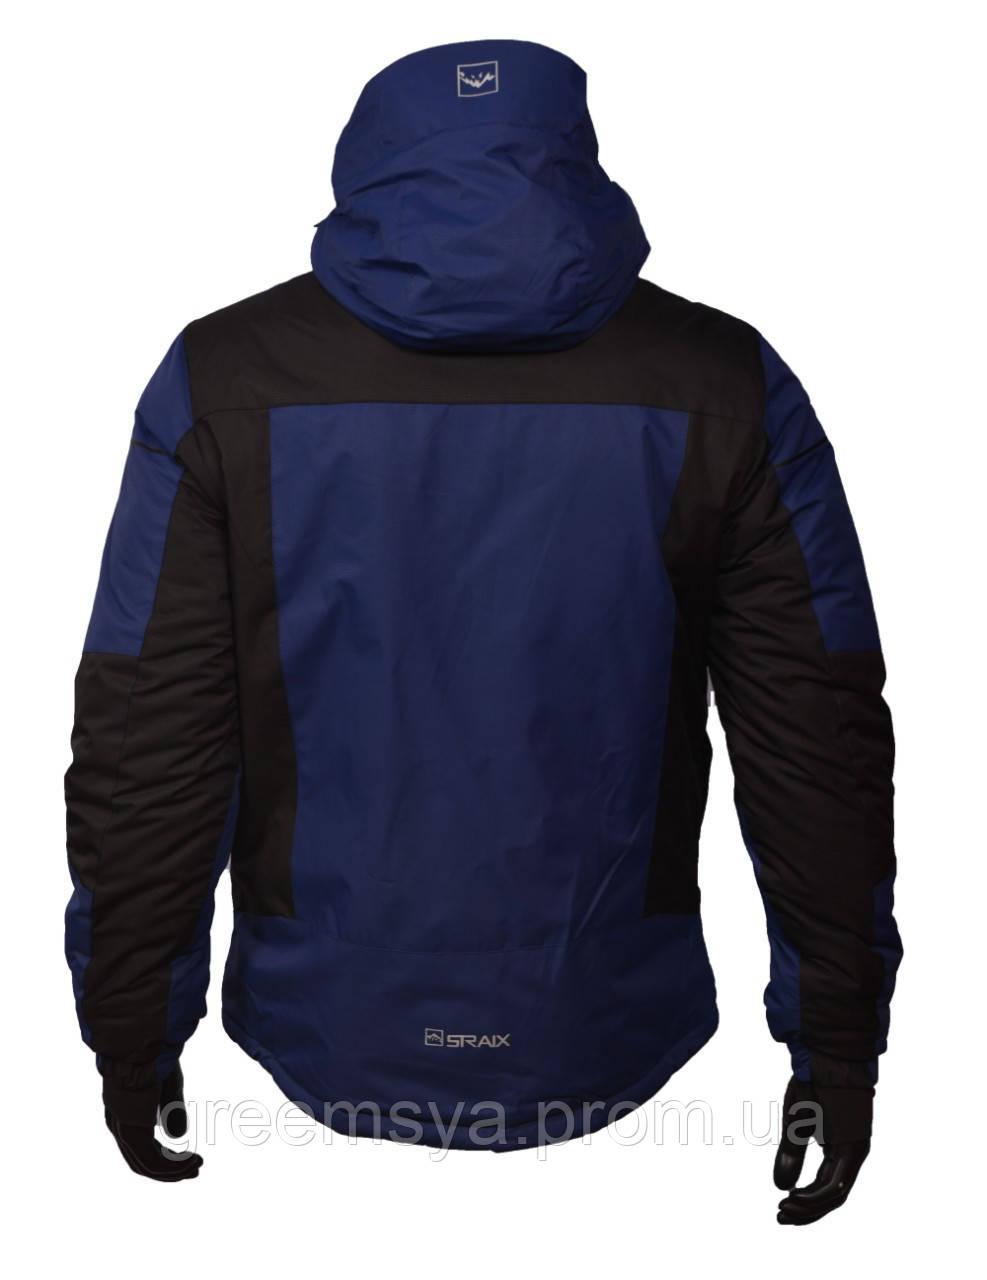 4  Куртка мужская лыжная термо зимняя f21b4039fd9ae